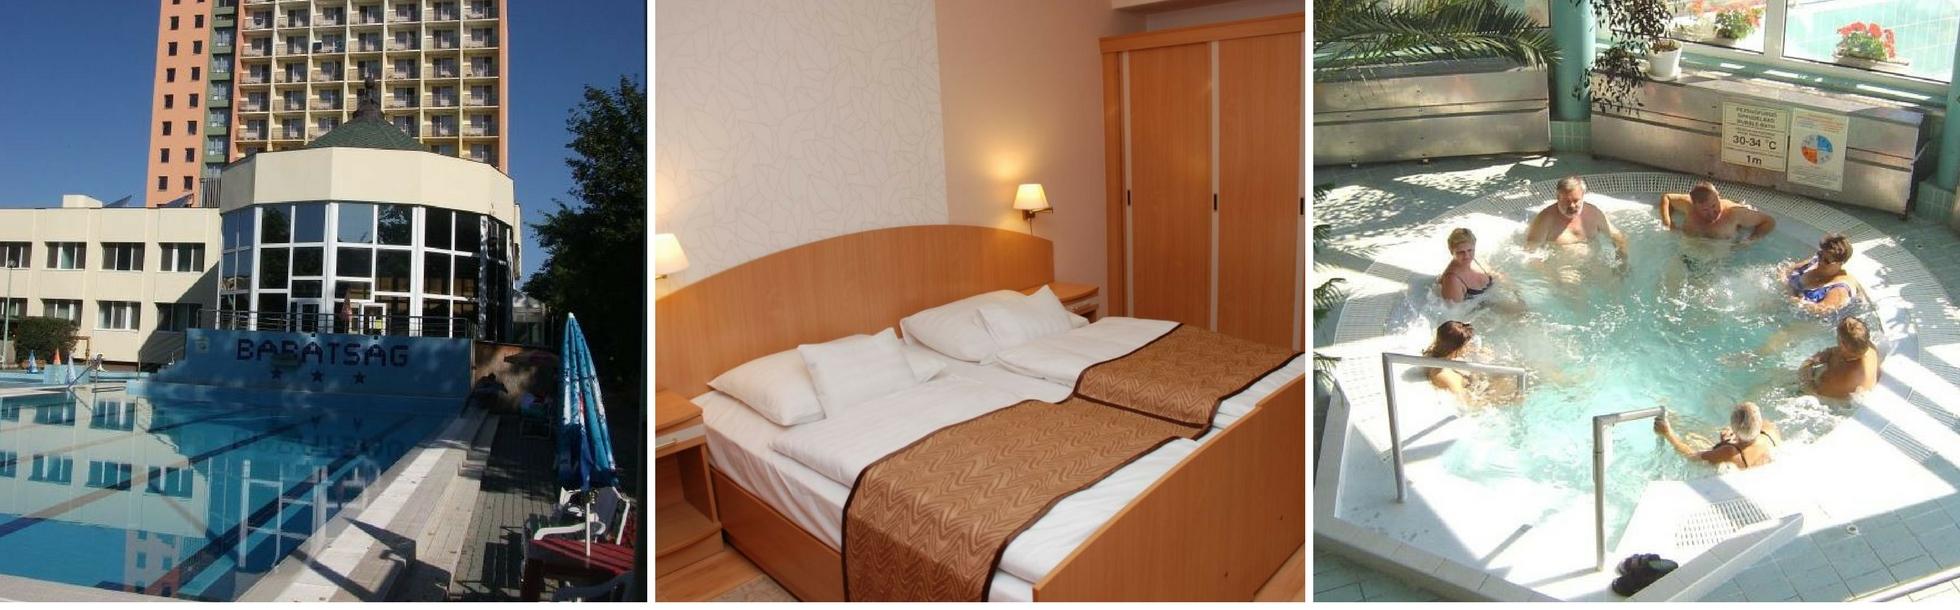 Barátság Hotel***superior Hajdúszoboszló - {ej} - {old_price} helyett {kedvezmeny} kedvezménnyel